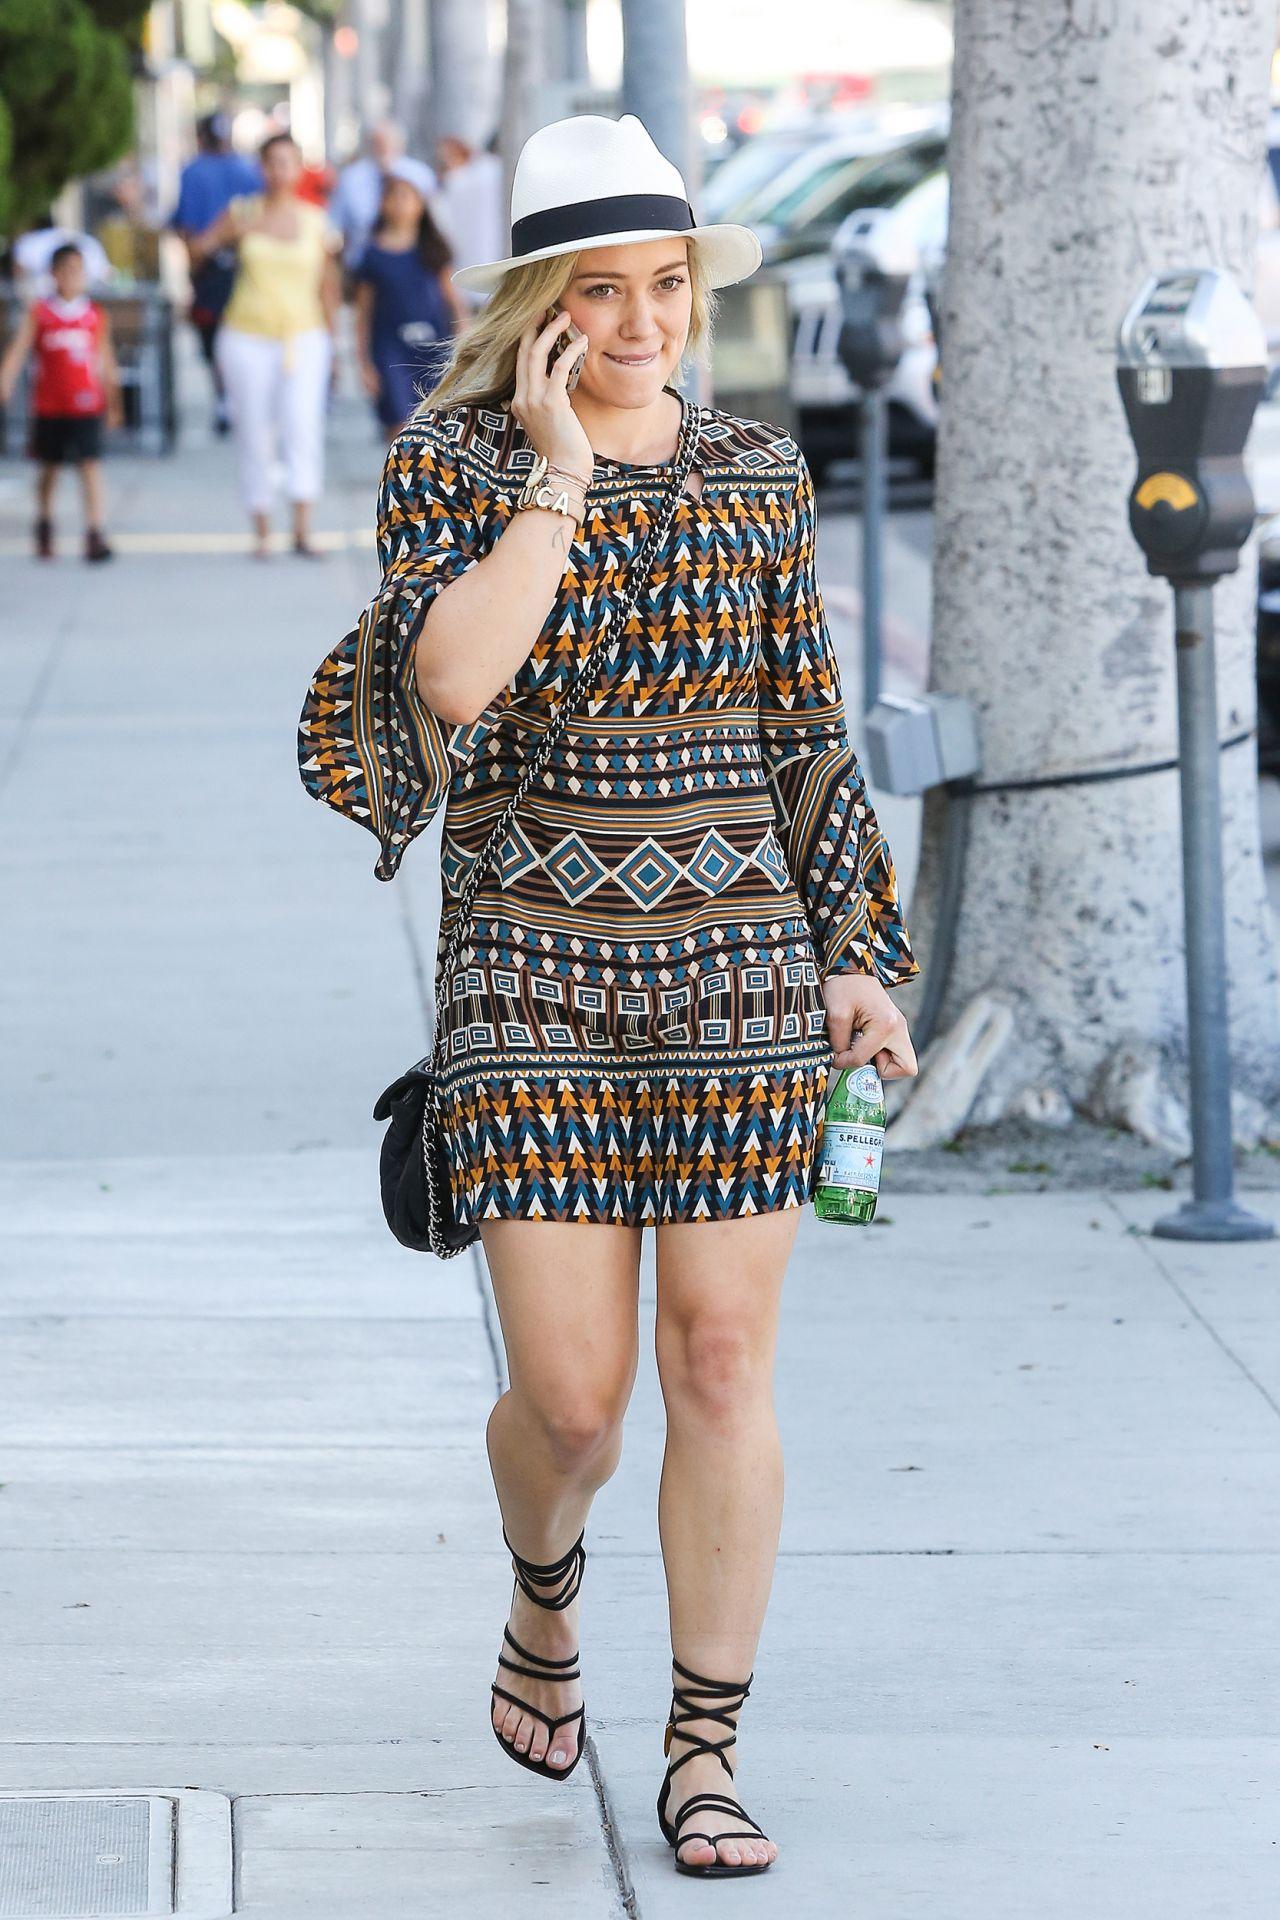 Hilary Duff In Mini Dress Out In Studio City June 2014